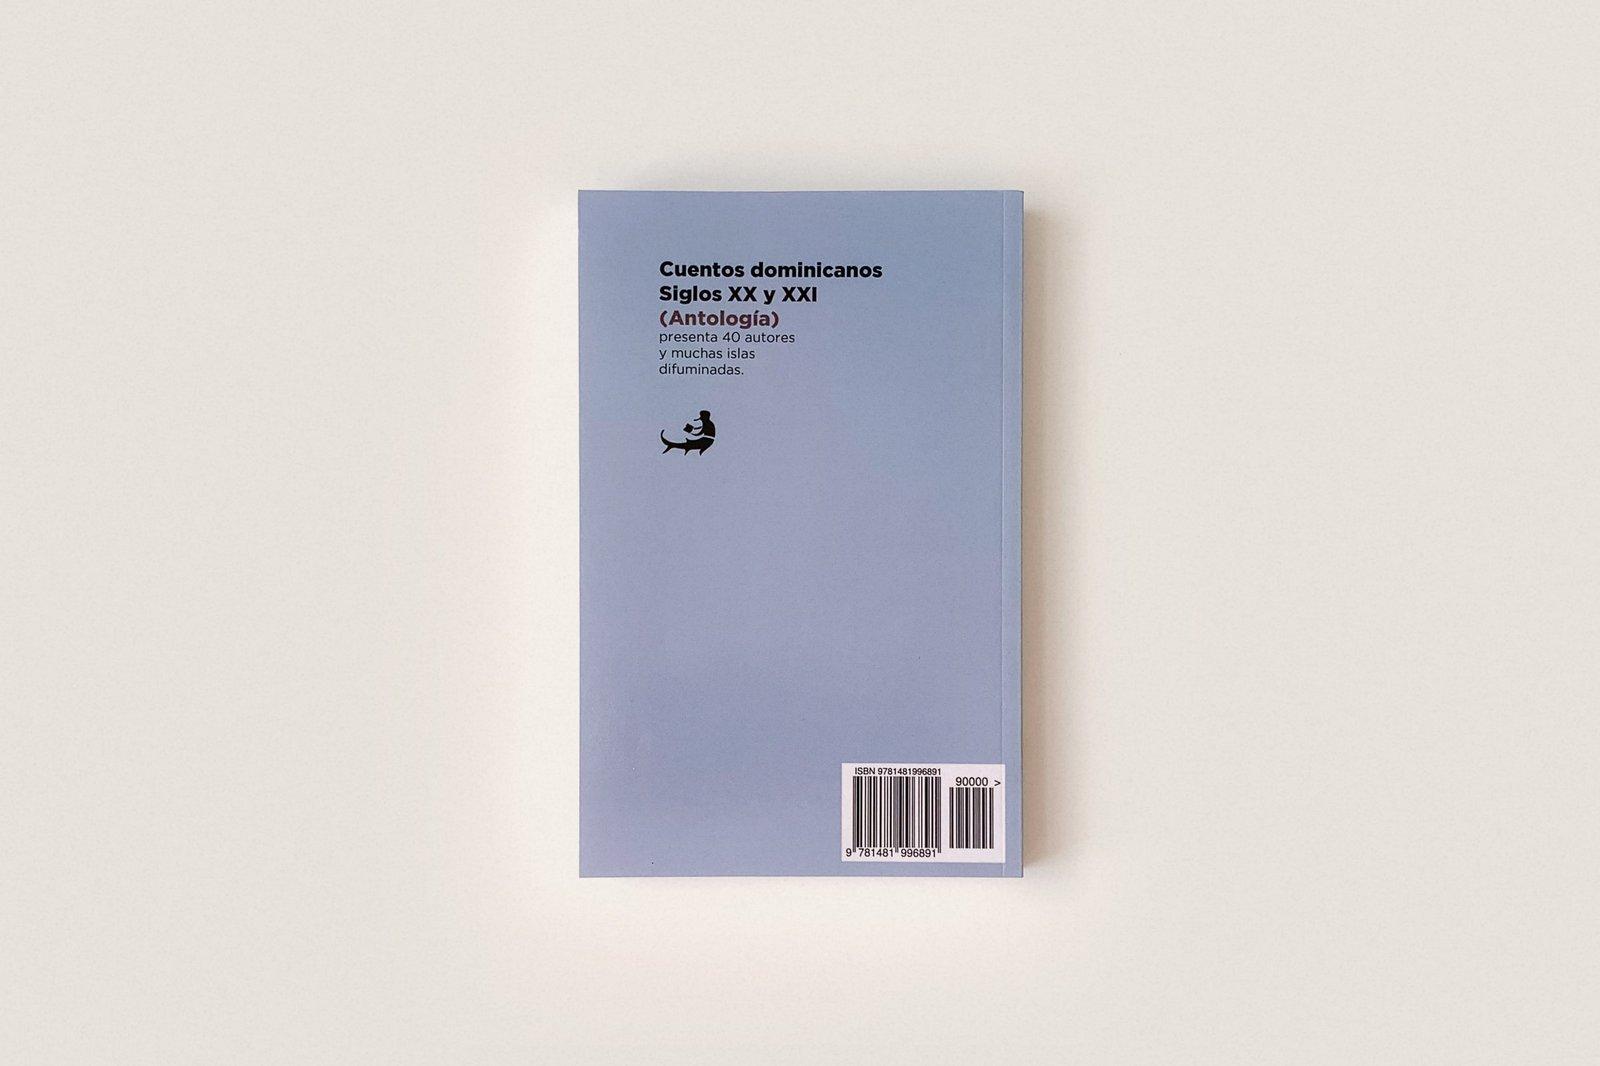 Libro: Cuentos Dominicanos: Siglos XX y XXI — Antología